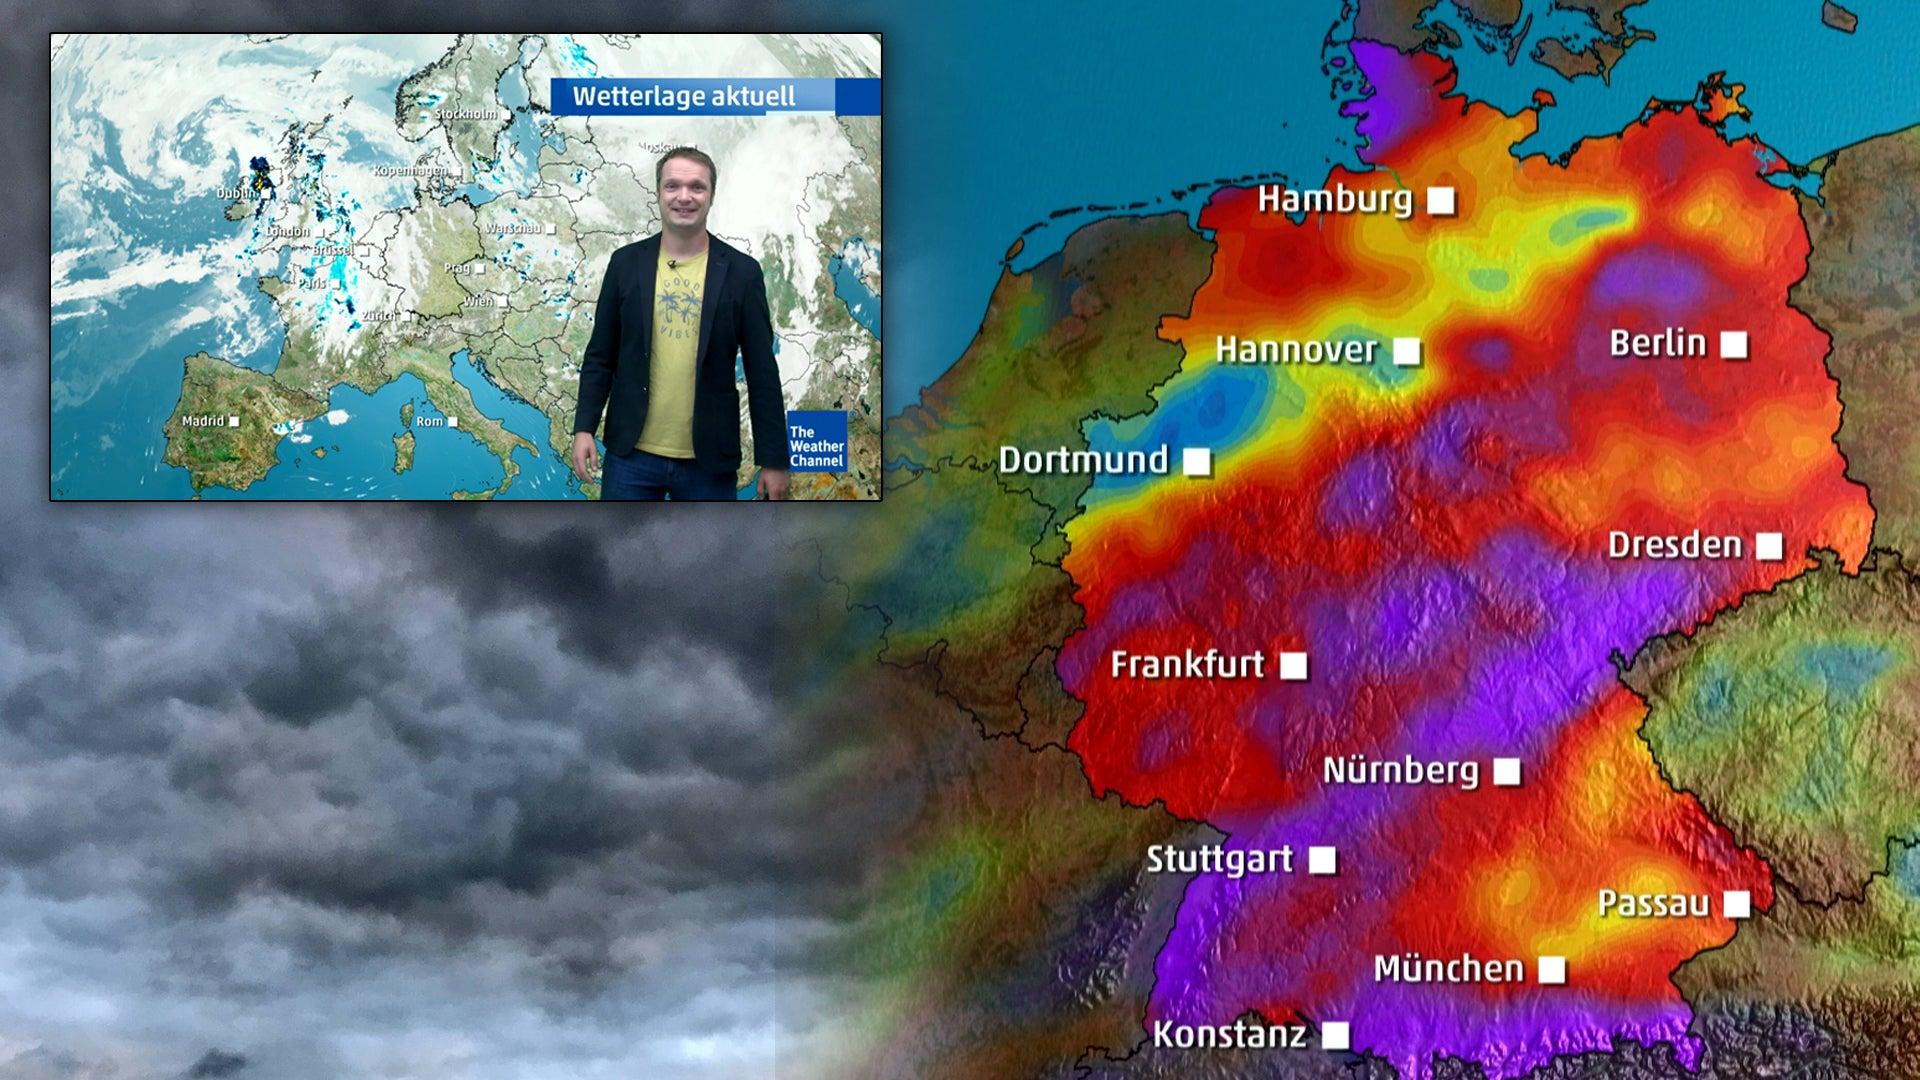 Wetter In Frankfurt Heute